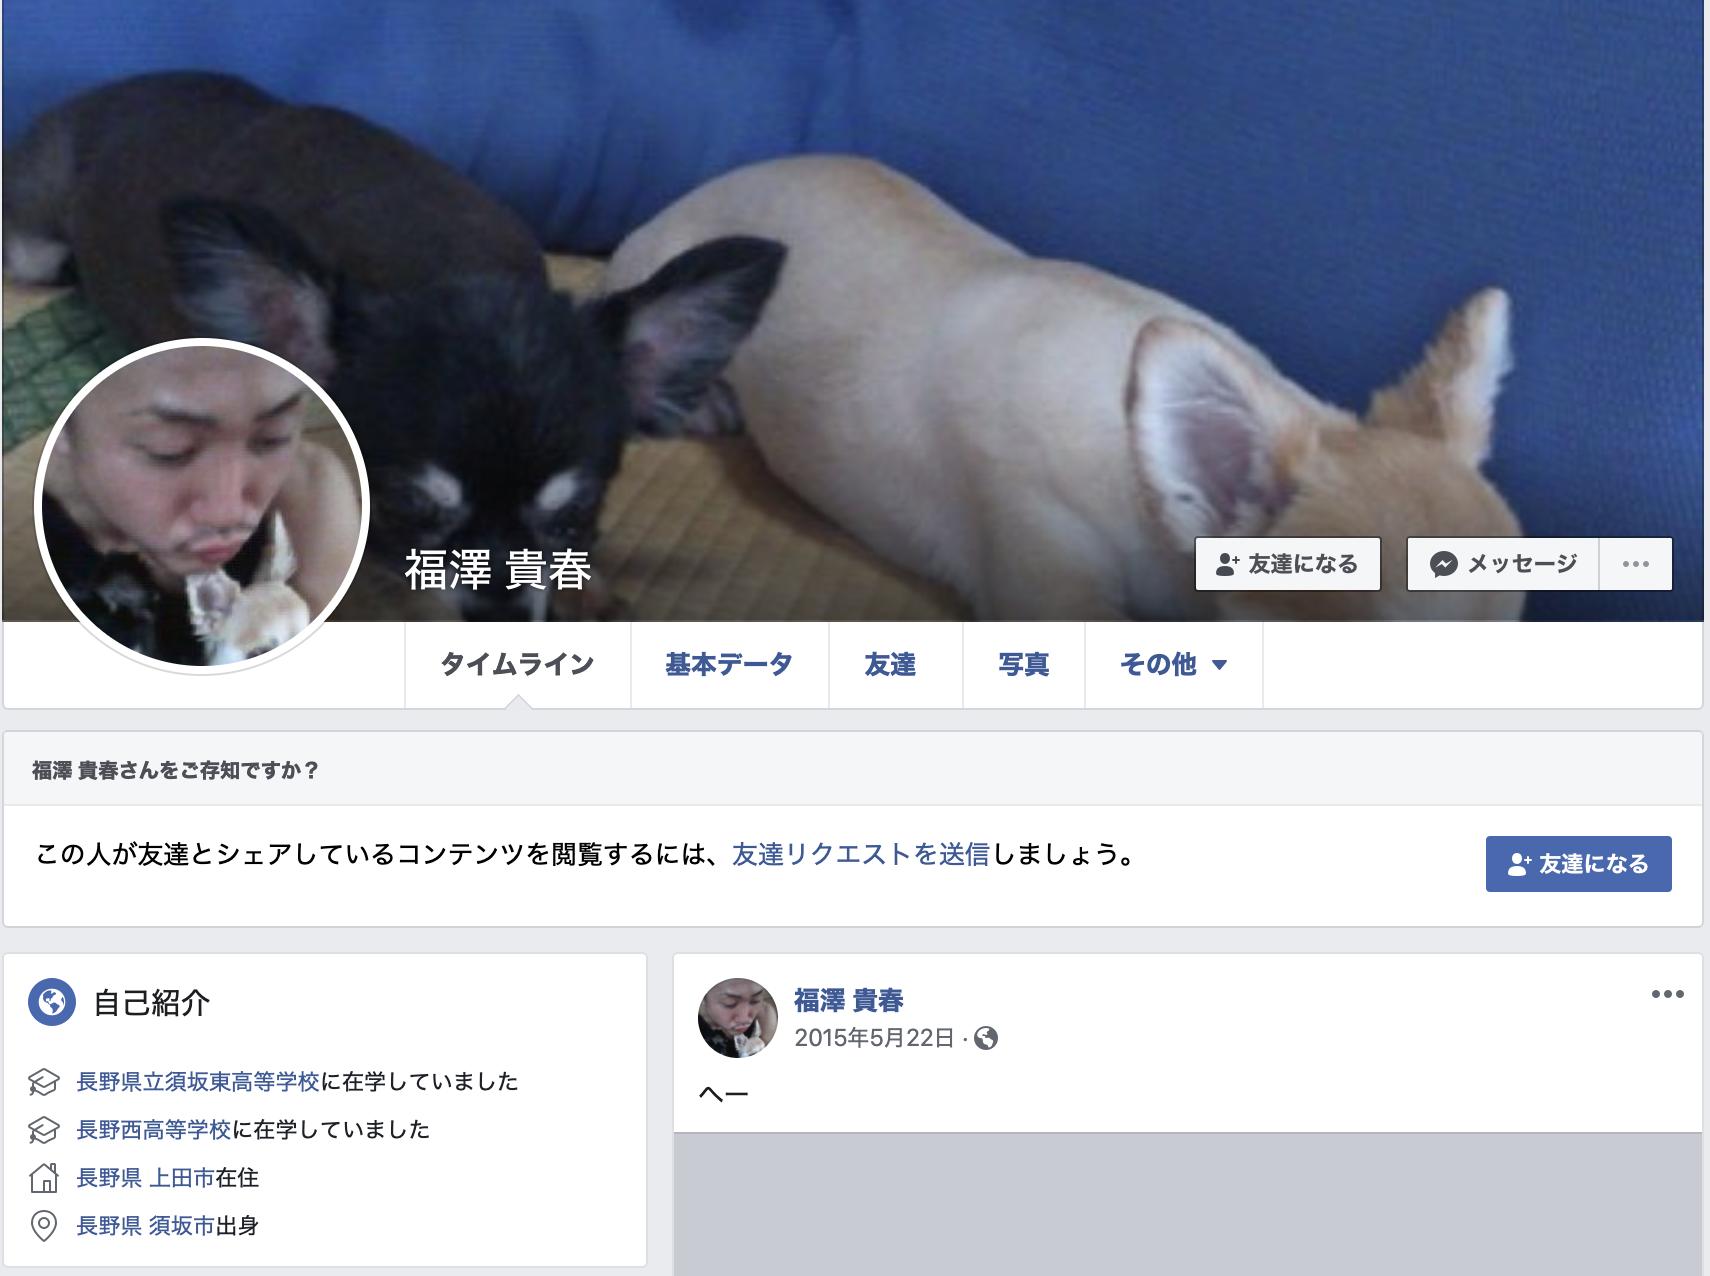 福沢 ブログ用